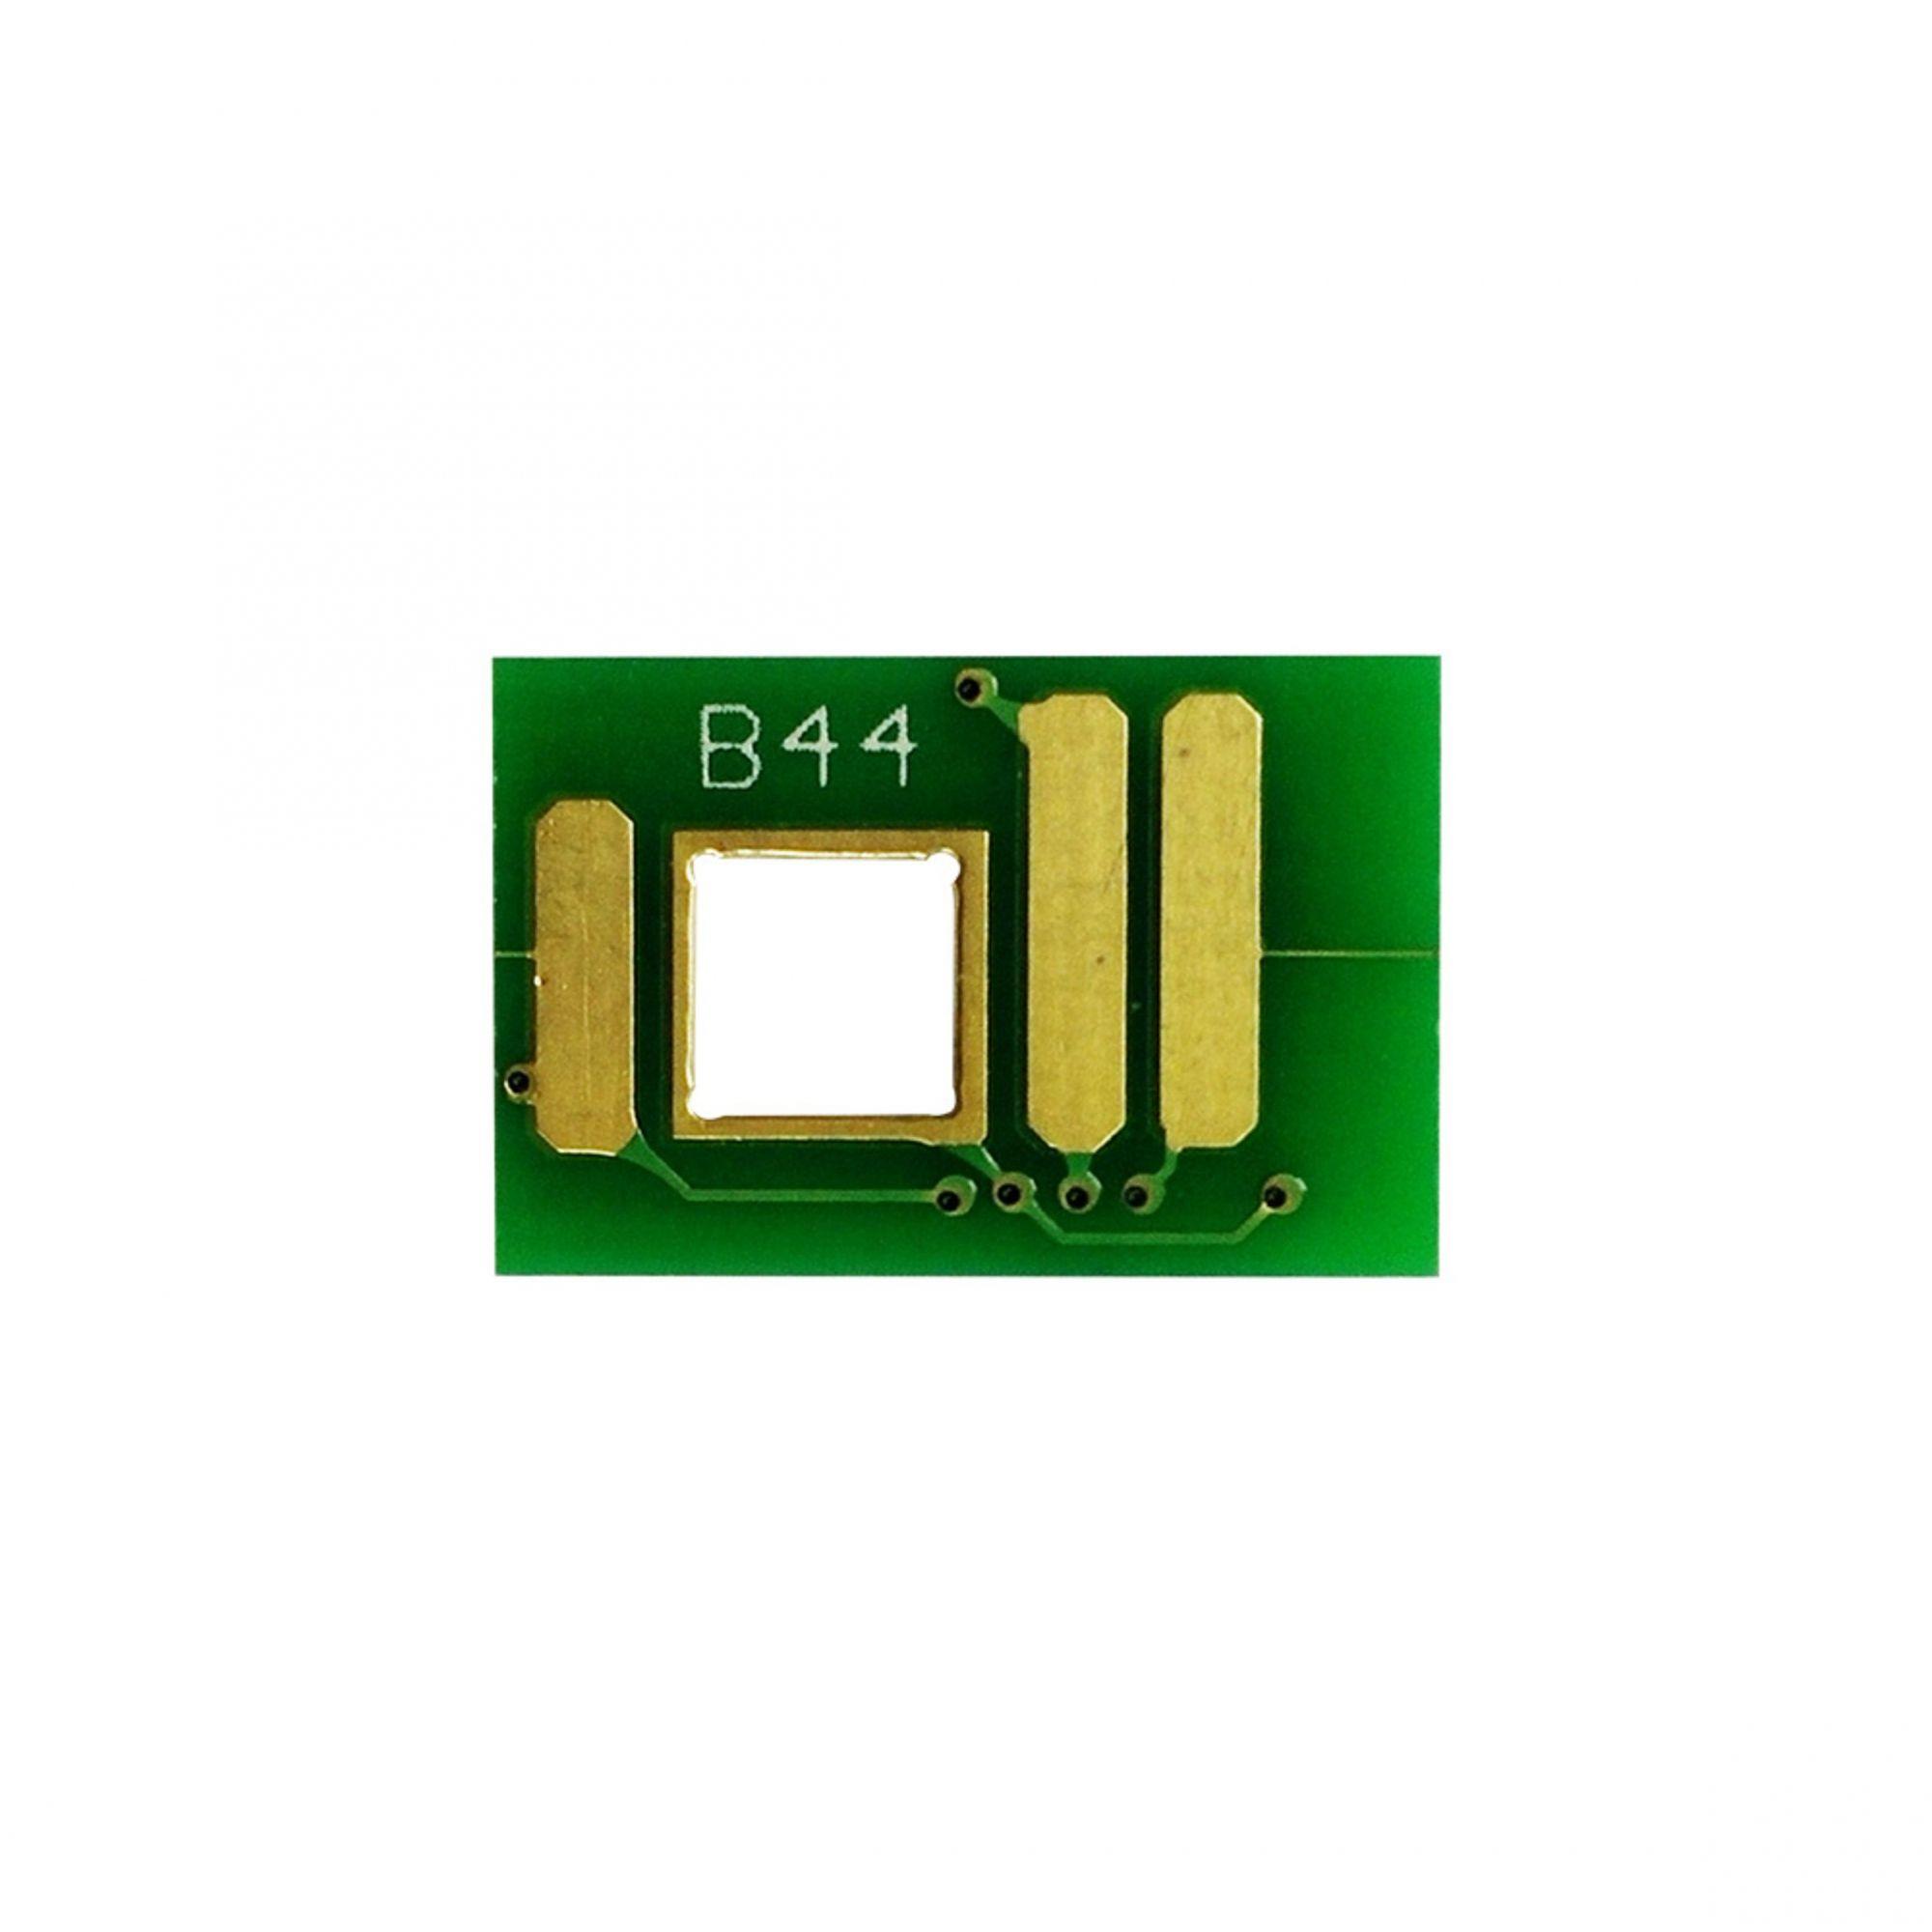 Chip Compatível Yellow p/ Ricoh MP C4503 C5503 - 22.5k